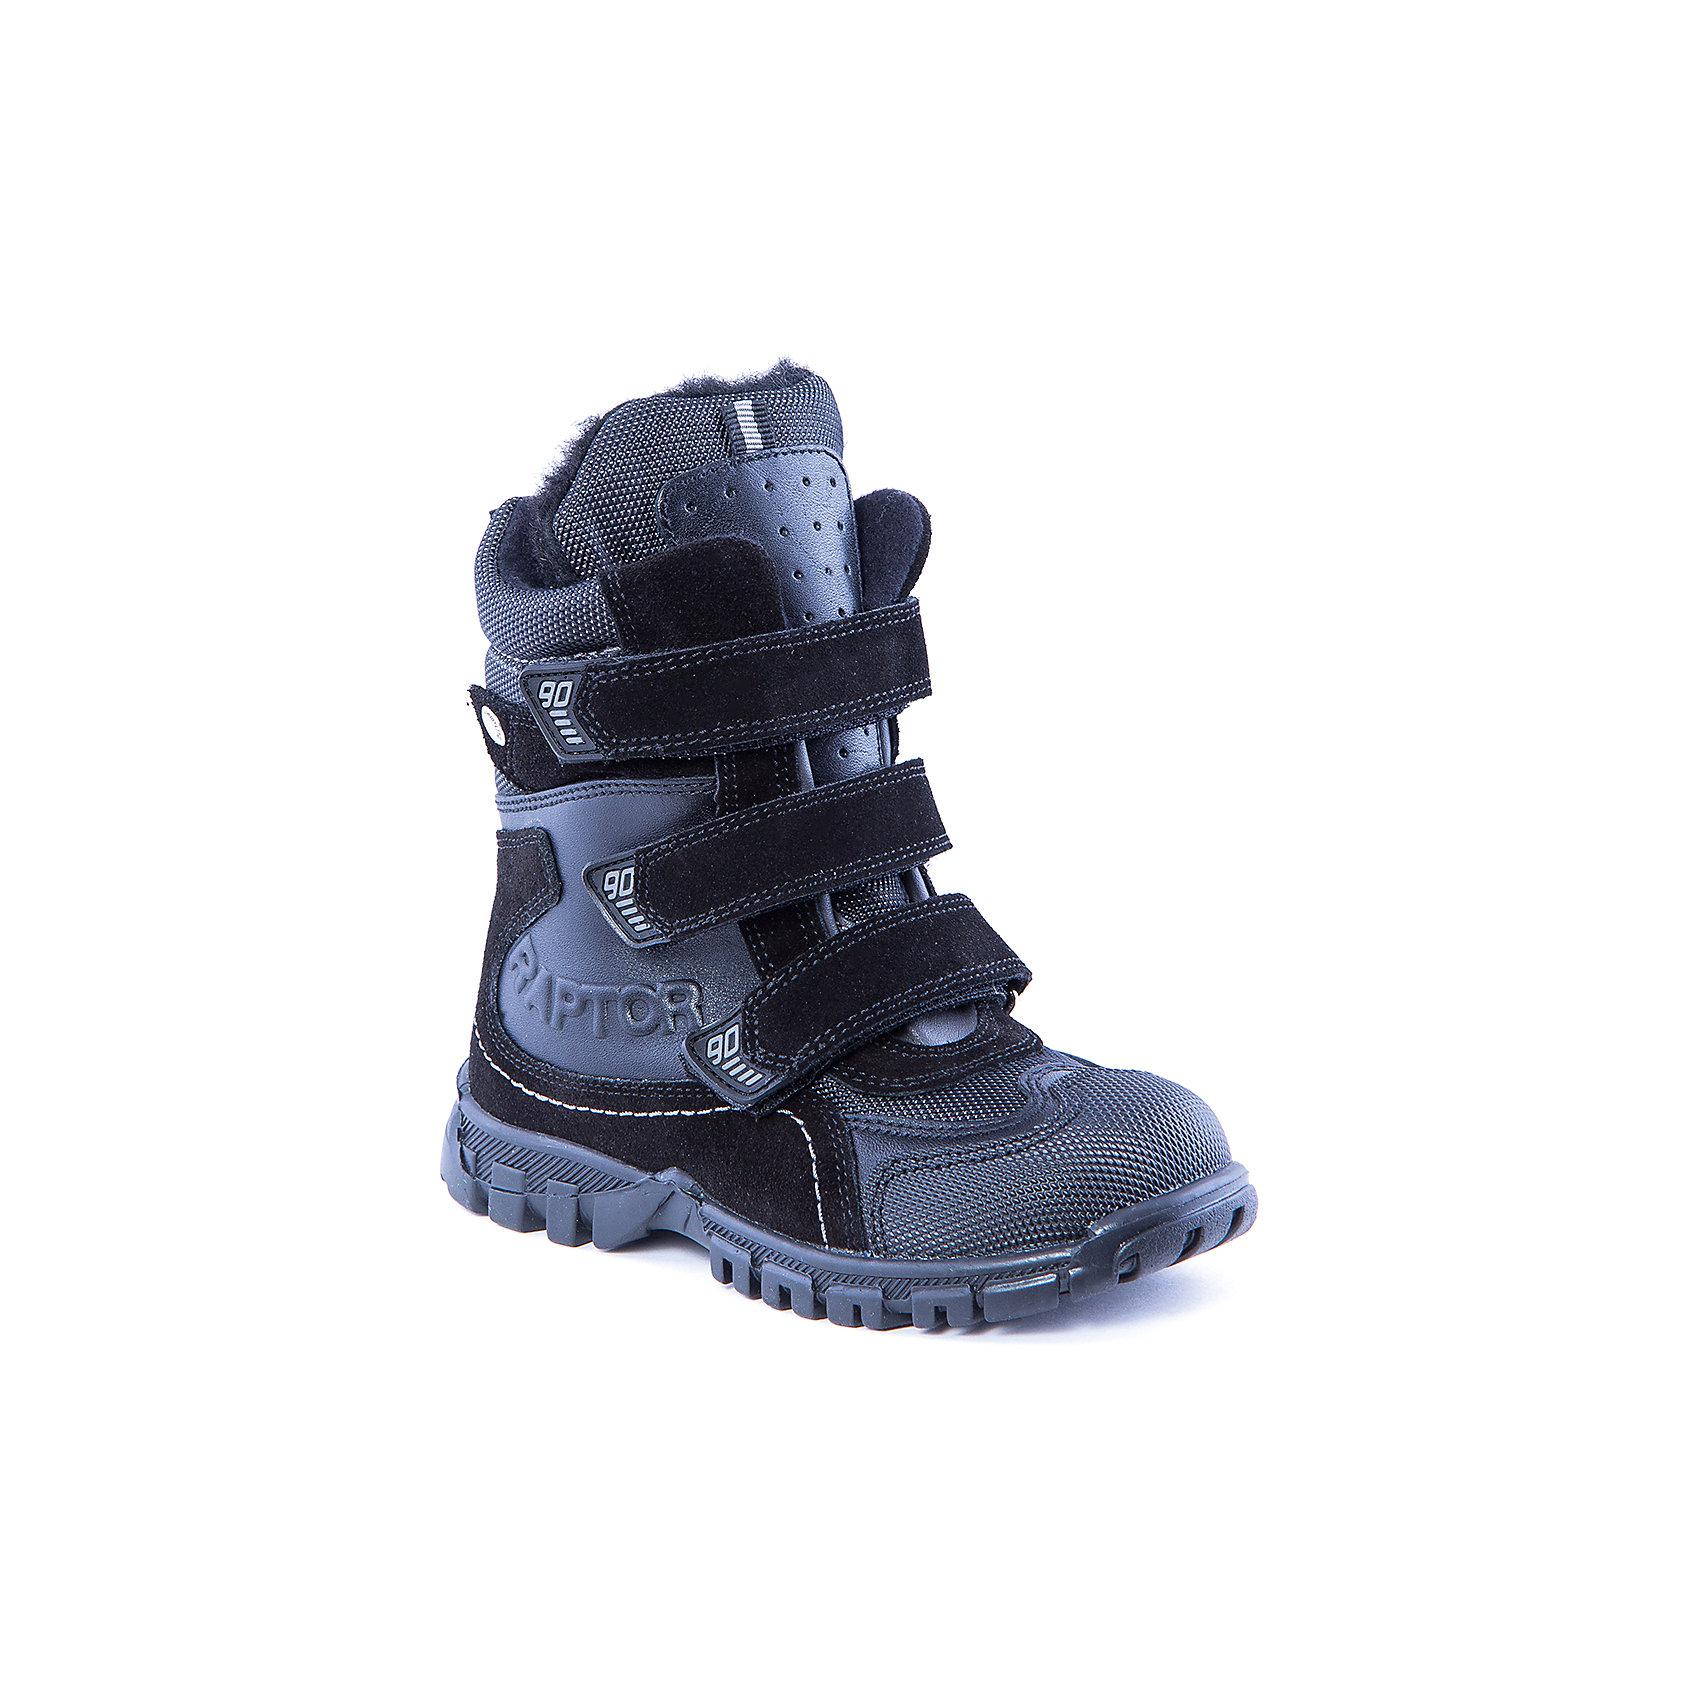 Сапоги для мальчика MinimenБотинки<br>Полусапоги для мальчика от известного бренда Minimen<br><br>Модные сапоги Minimen созданы для ношения в межсезонье и начинающиеся холода. Их форма тщательно проработана, поэтому детским ножкам в такой обуви тепло и комфортно. Качественные материалы позволяют сделать изделия износостойкими и удобными.<br><br>Отличительные особенности модели:<br><br>- цвет: черный;<br>- гибкая нескользящая подошва;<br>- усиленный носок и задник;<br>- эргономичная форма;<br>- удобная колодка;<br>- шерстяная подкладка;<br>- натуральная кожа;<br>- застежки-липучки.<br><br>Дополнительная информация:<br><br>Температурный режим: от - 15° С до +5° С.<br><br>Состав:<br>верх - 100% натуральная кожа<br>подкладка - 100% шерсть<br>подошва -ТЭП<br><br>Полусапоги для мальчика Minimen (Минимен) можно купить в нашем магазине.<br><br>Ширина мм: 257<br>Глубина мм: 180<br>Высота мм: 130<br>Вес г: 420<br>Цвет: черный<br>Возраст от месяцев: 24<br>Возраст до месяцев: 36<br>Пол: Мужской<br>Возраст: Детский<br>Размер: 26,28,29,27,33,30,32,31<br>SKU: 4334408